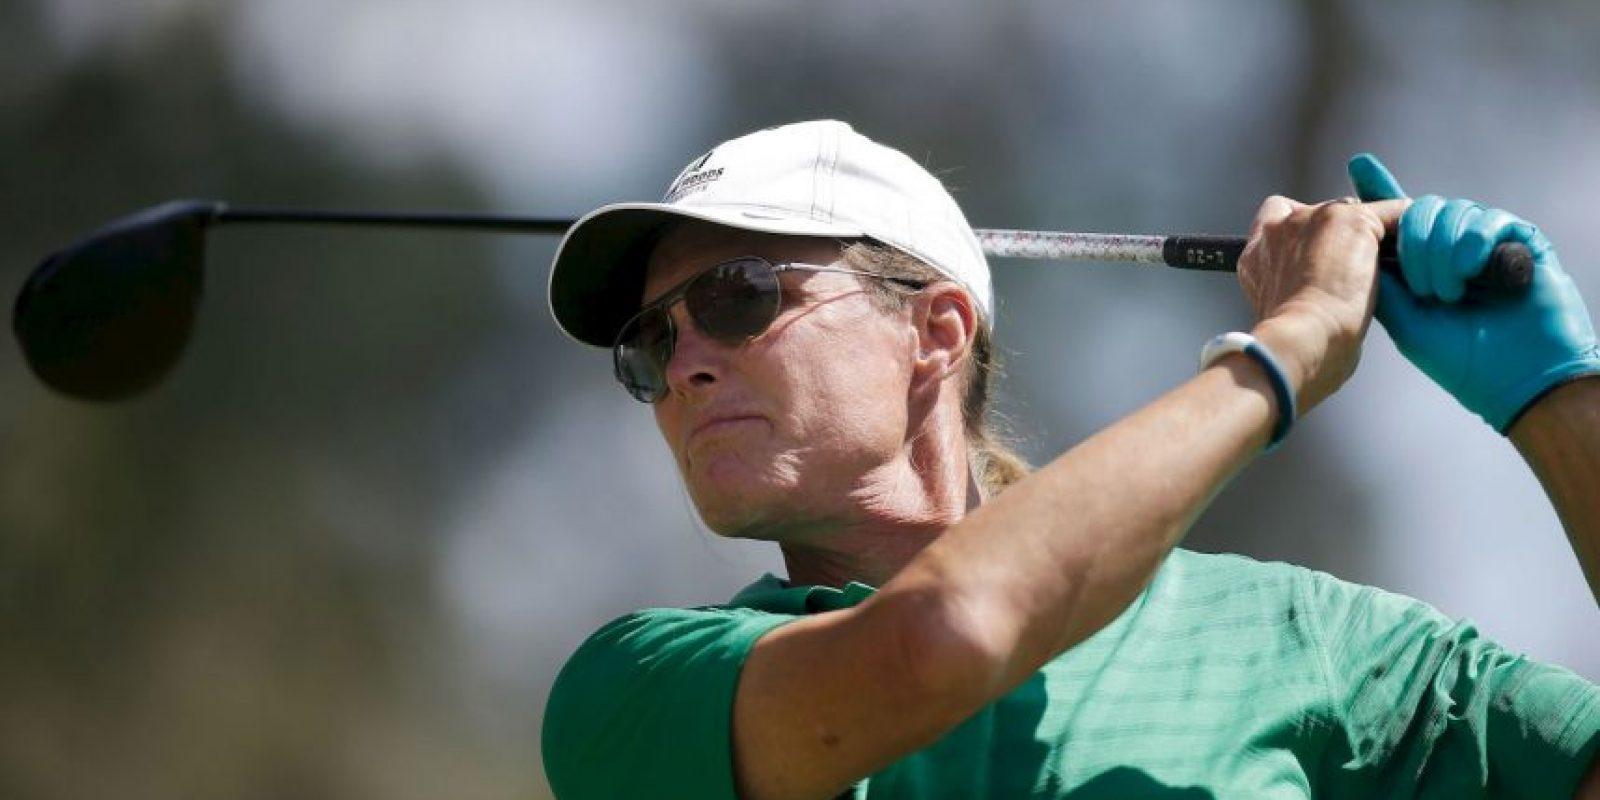 Bruce tendrá que adaptarse a su nuevo cuerpo para jugar golf. Foto:Getty Images